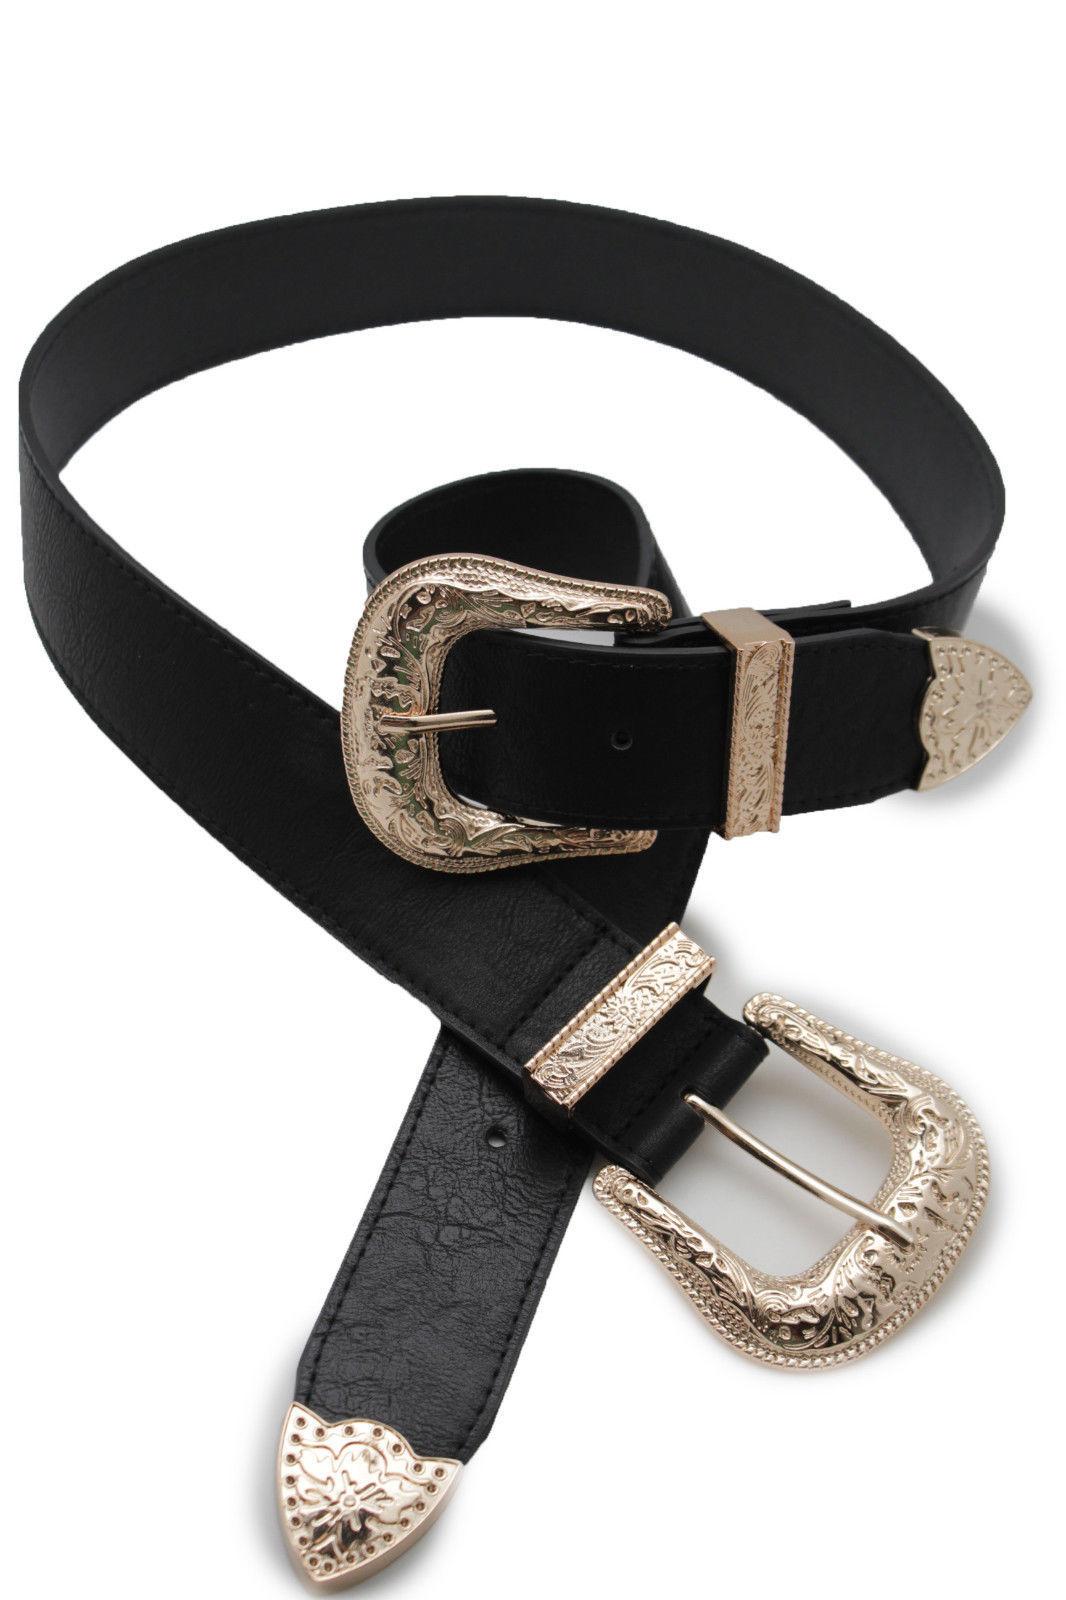 Damen West Doppel Gold Metallschnalle Jeans Mode Schwarzer Gürtel Kunstleder S M